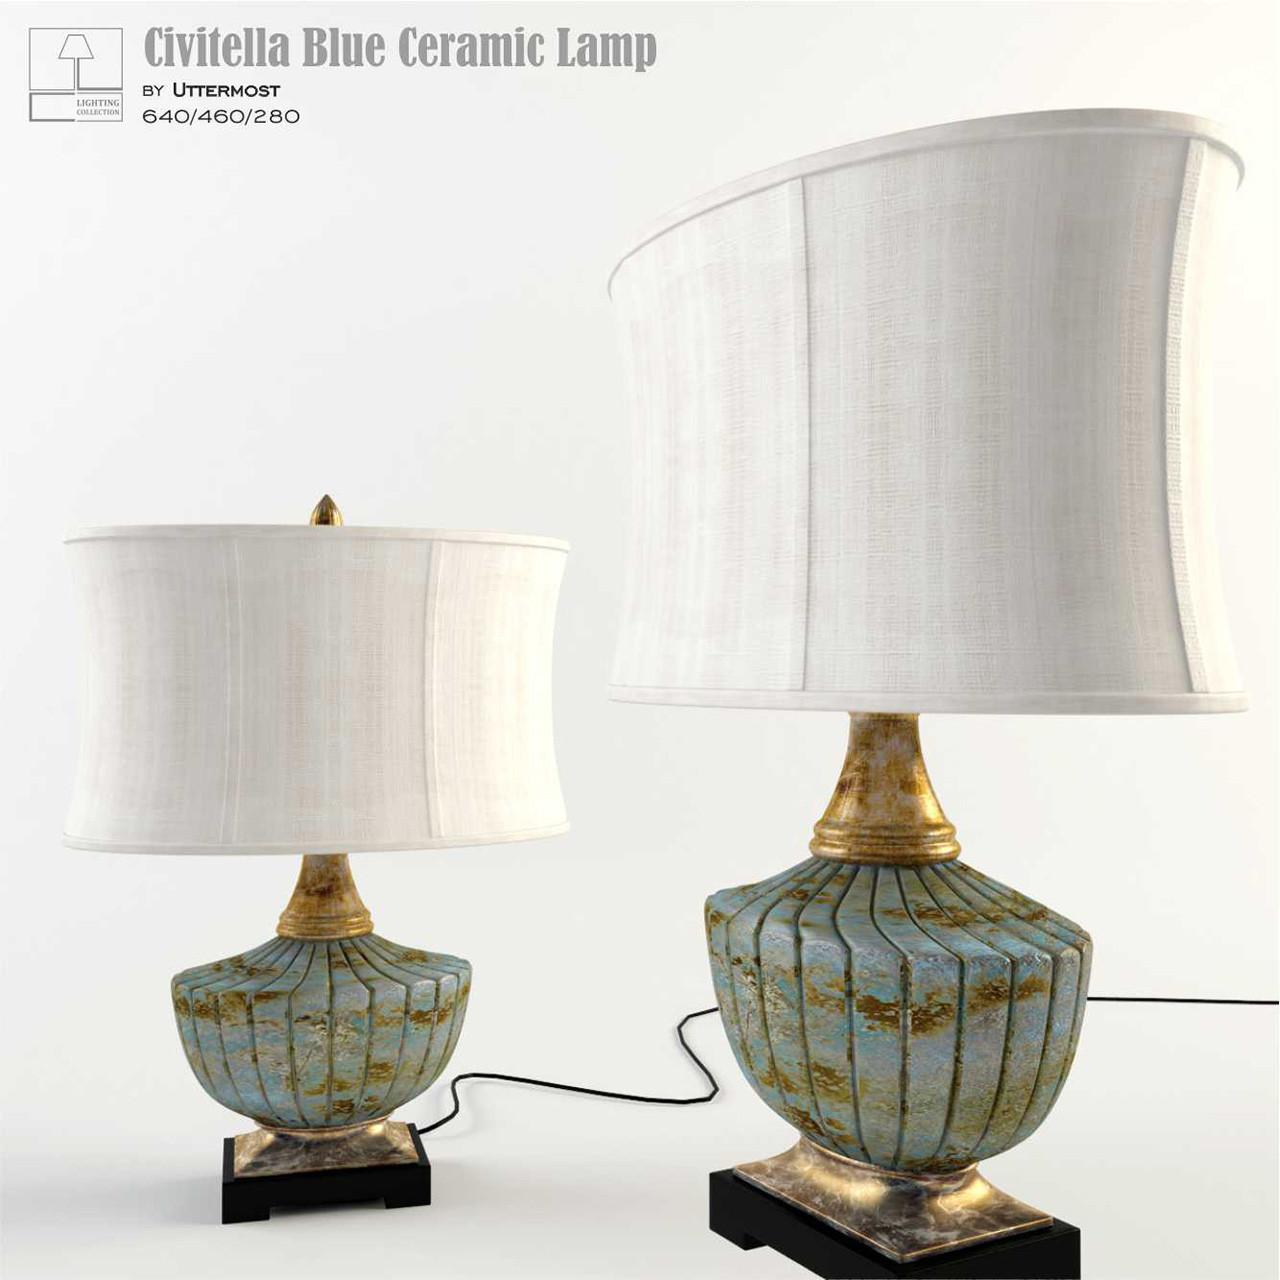 Civitella Blue Ceramic Lamp